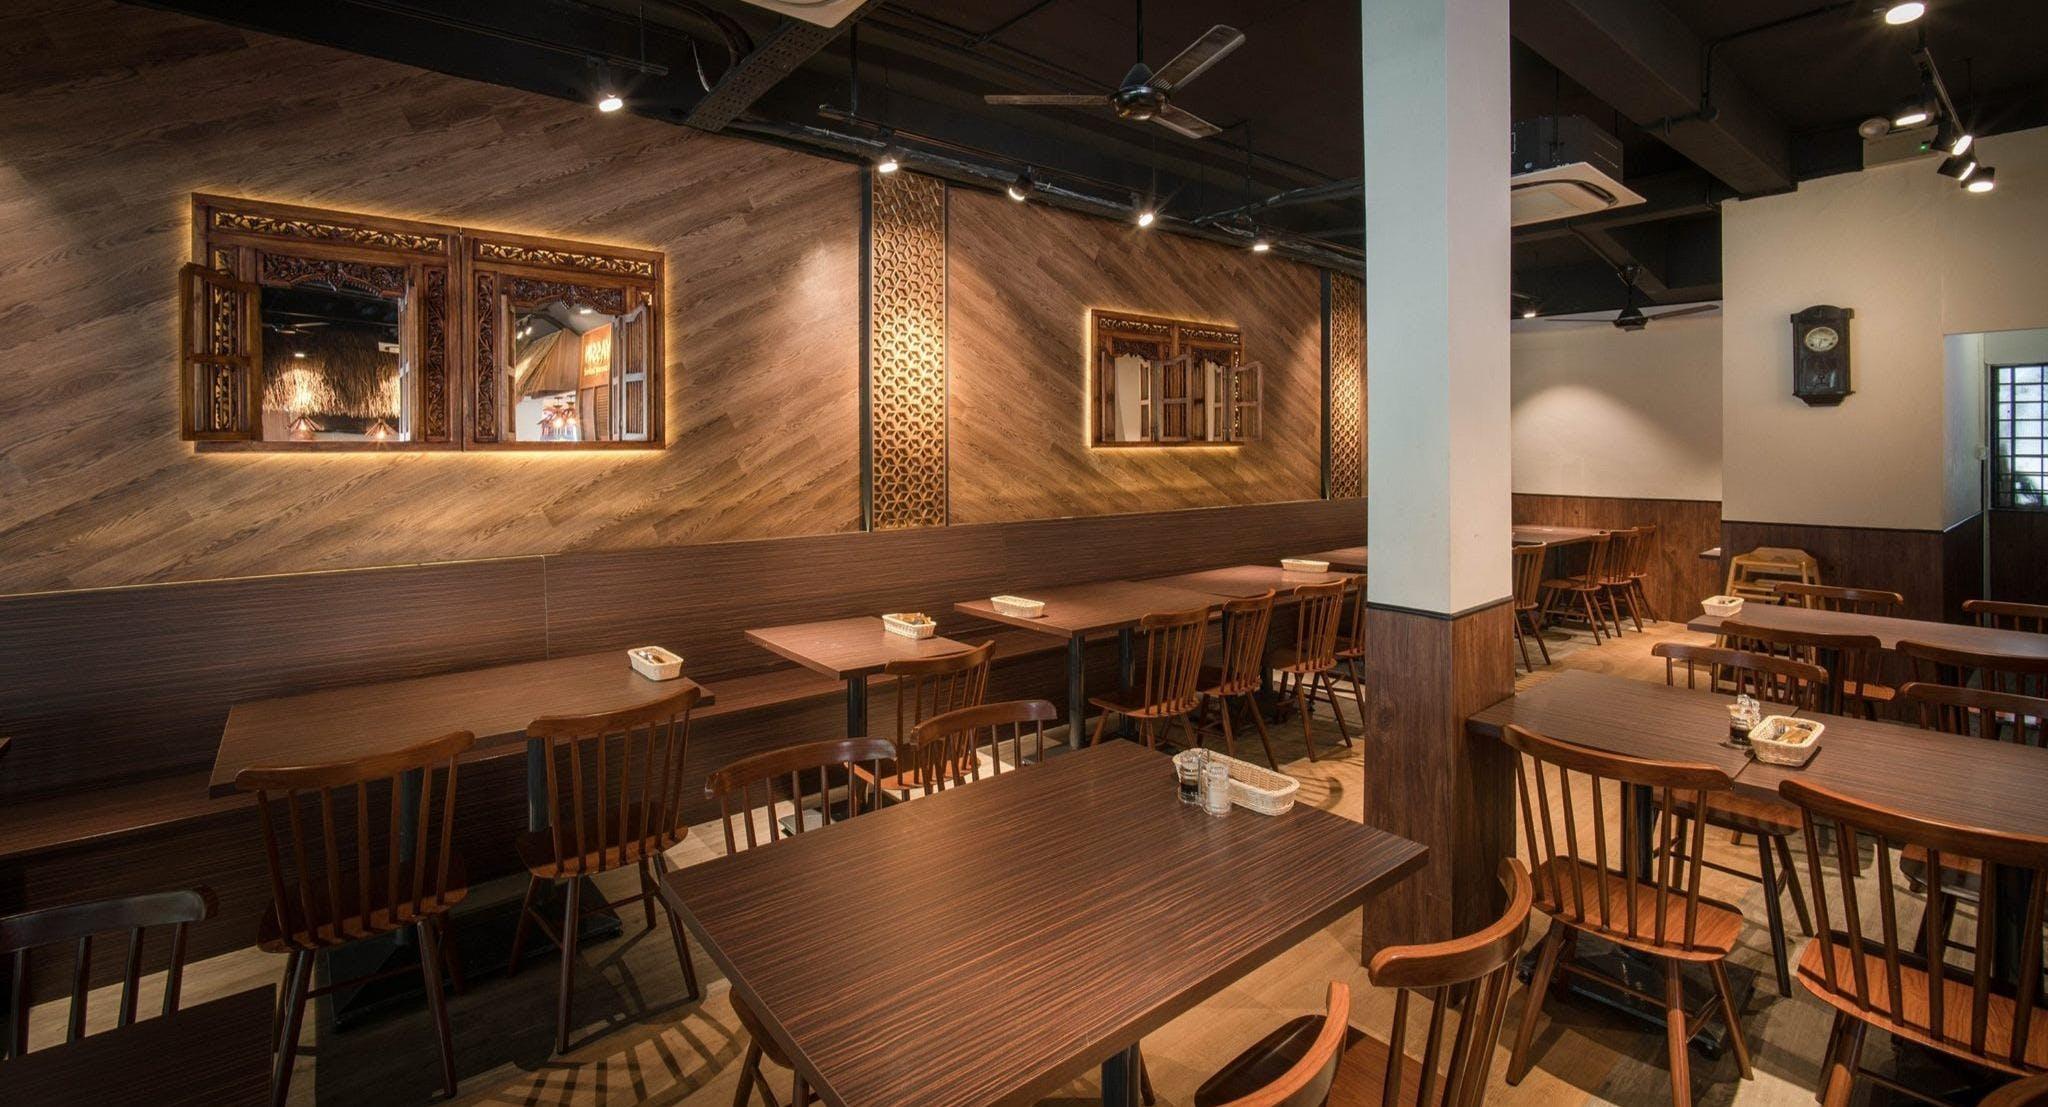 Yassin Kampung Seafood Bedok Singapore image 3